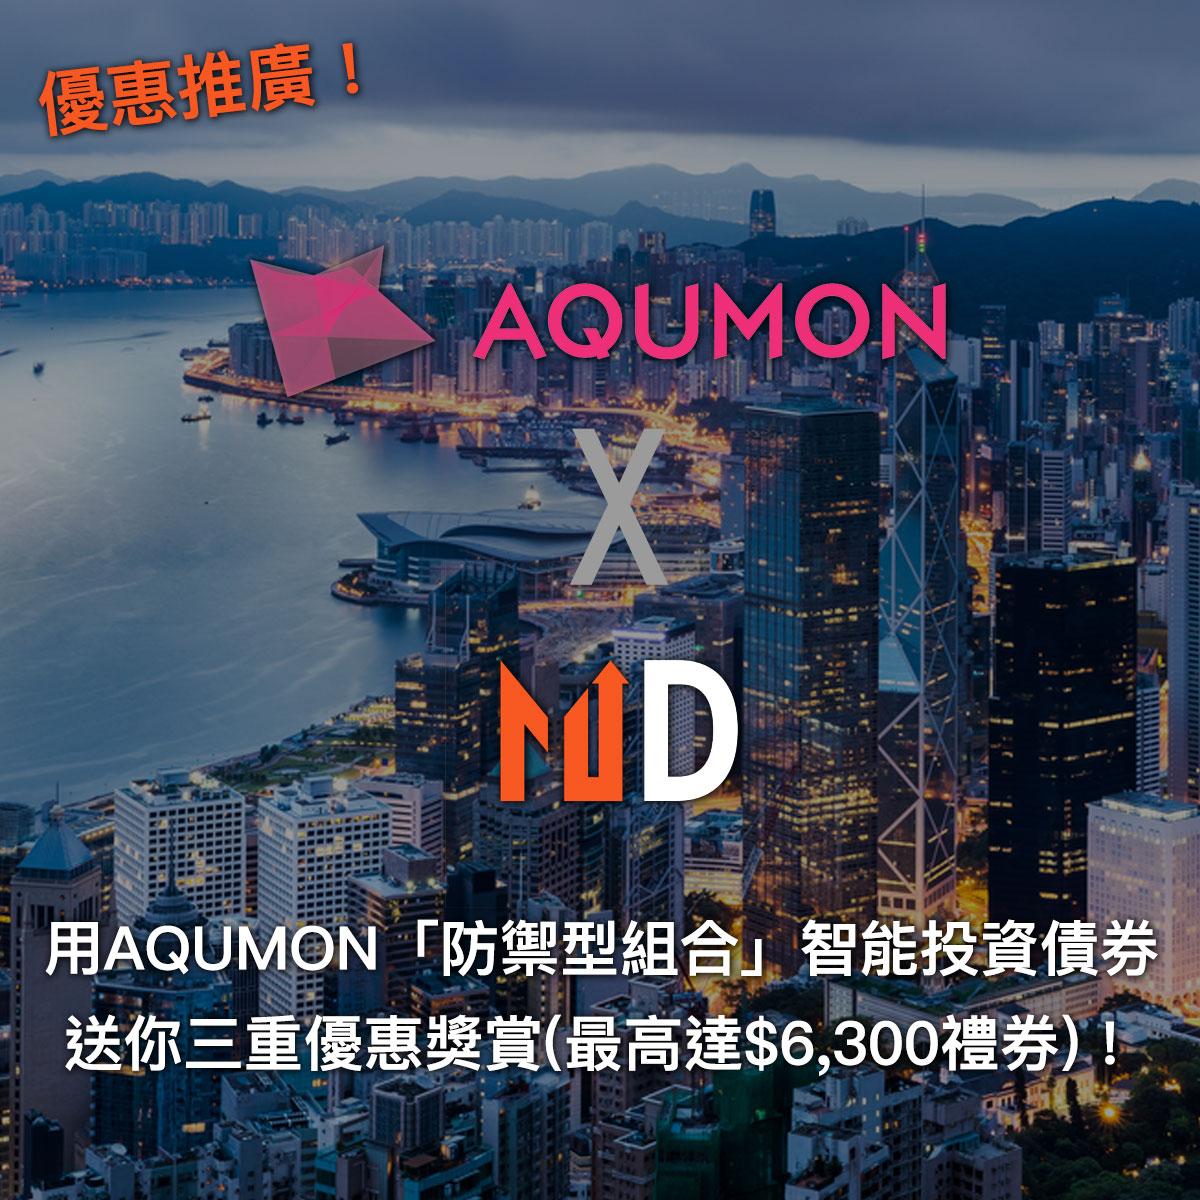 【優惠推廣】用AQUMON「防禦型組合」智能投資債券,送你三重優惠獎賞(最高達$6,300禮券)!